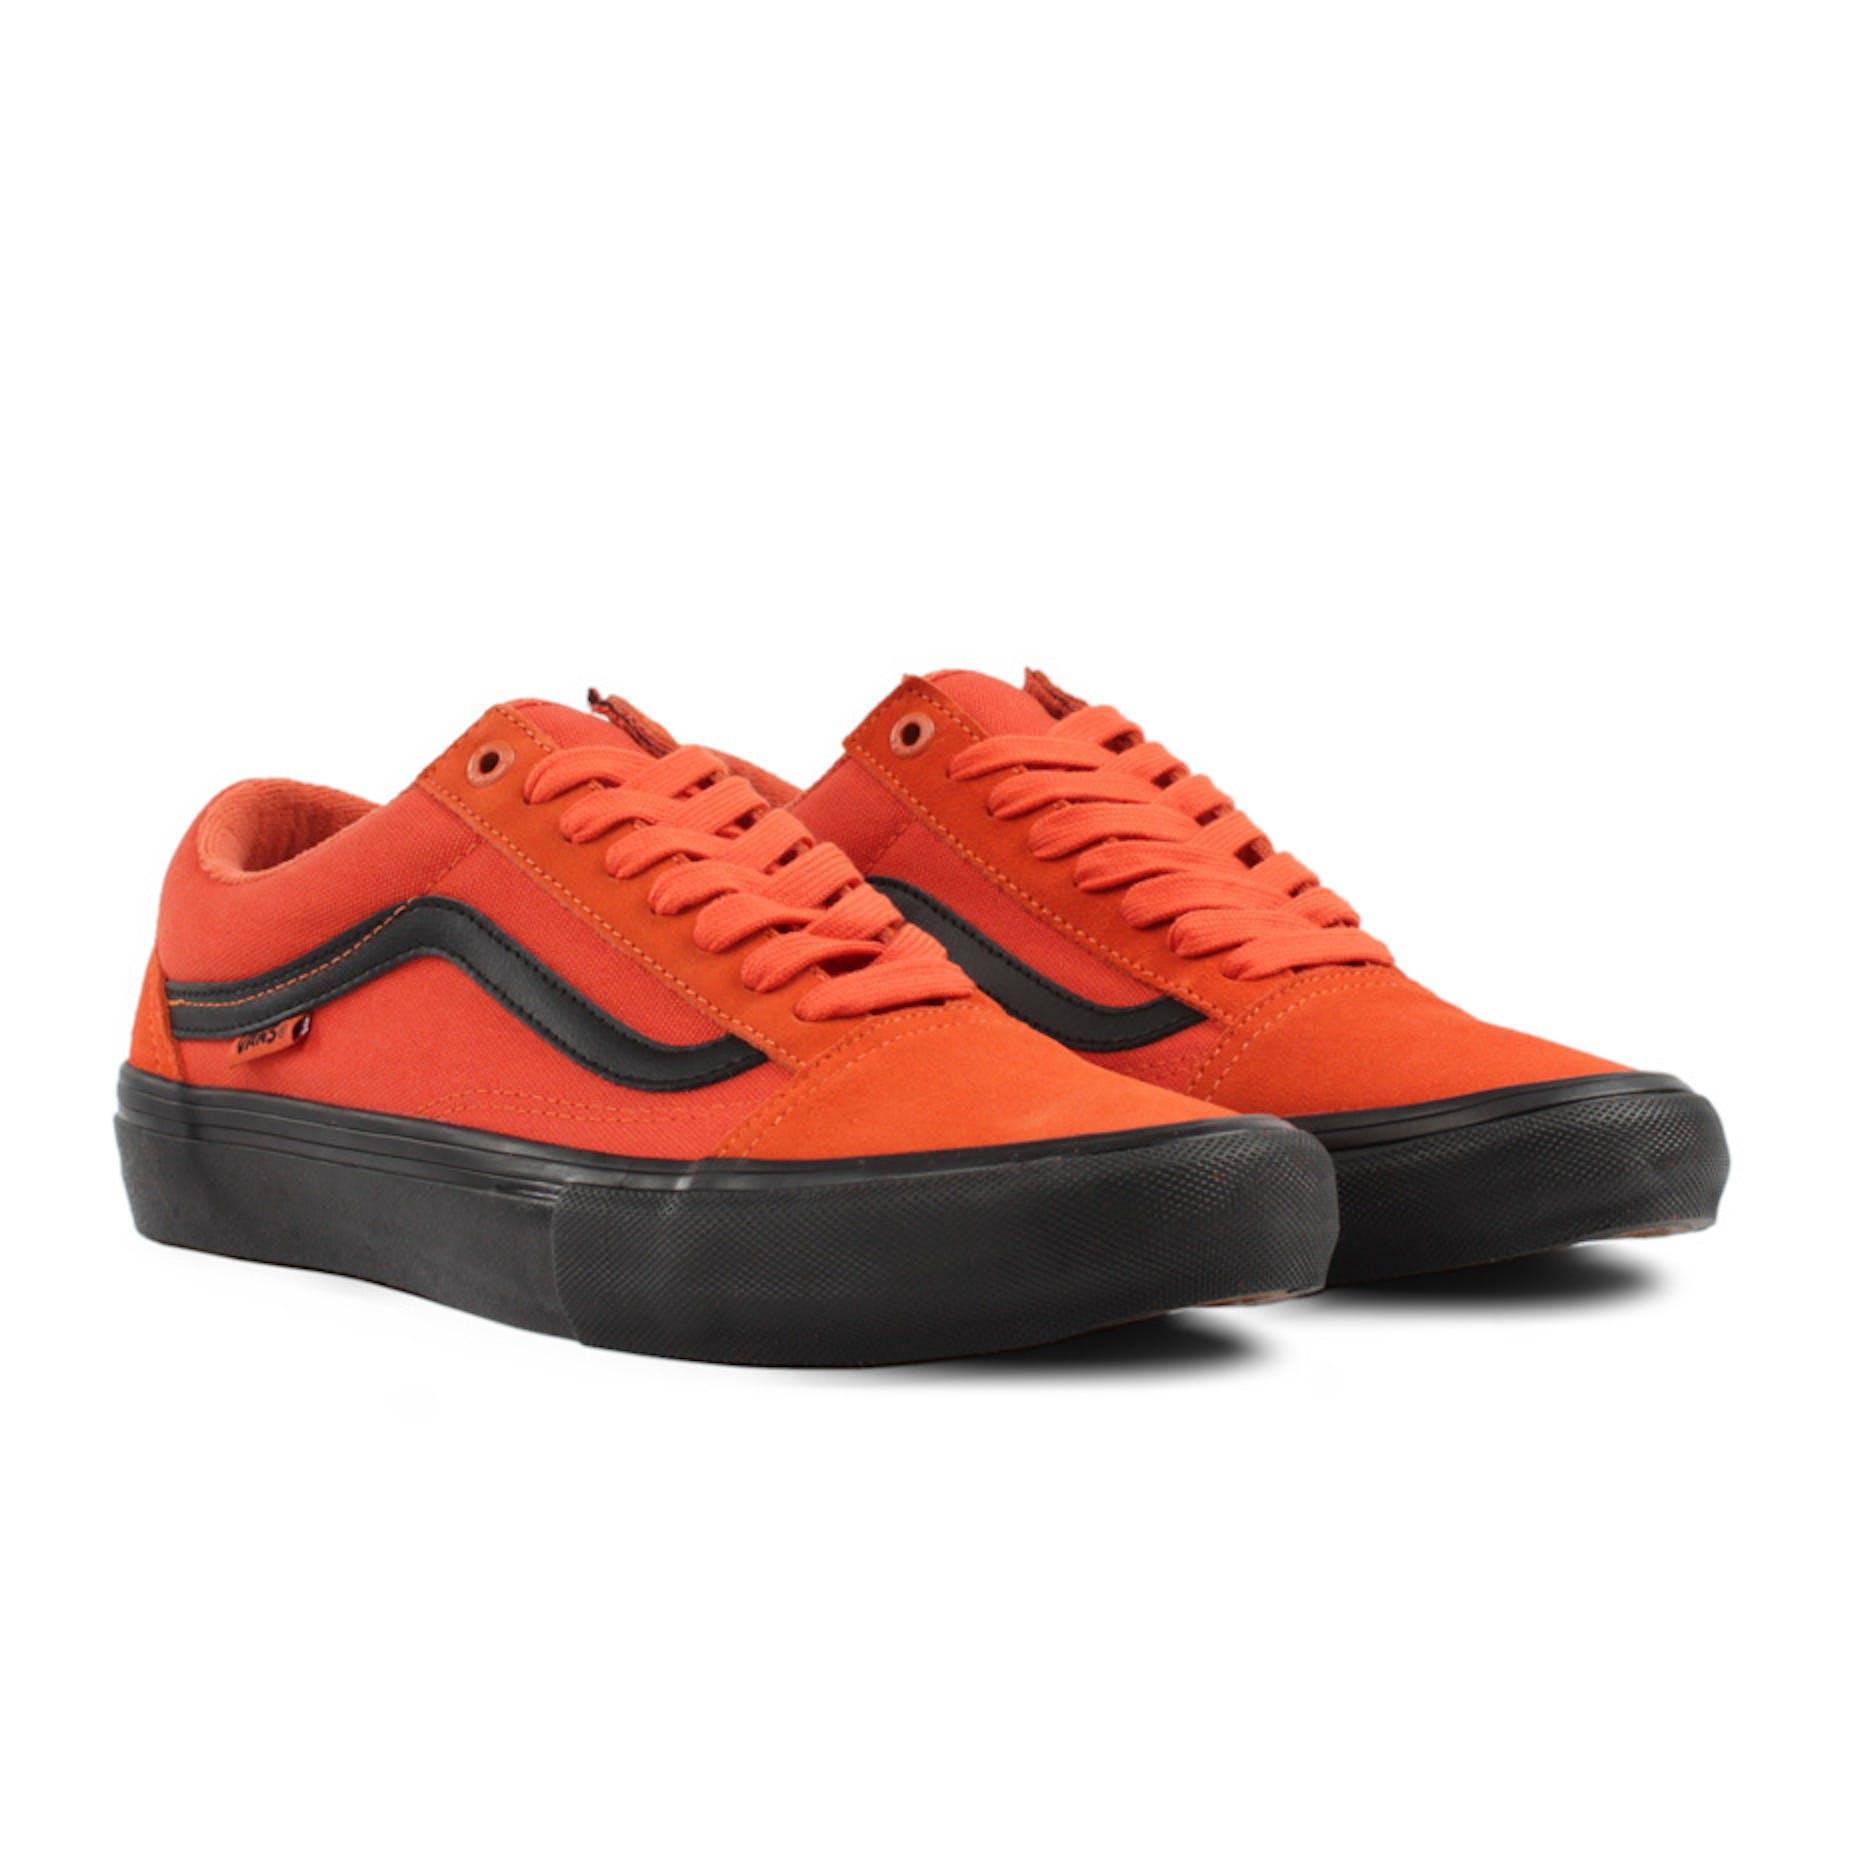 brillo encantador incomparable gran variedad de estilos Vans Old Skool Pro Skate Shoe - Koi Orange/Black